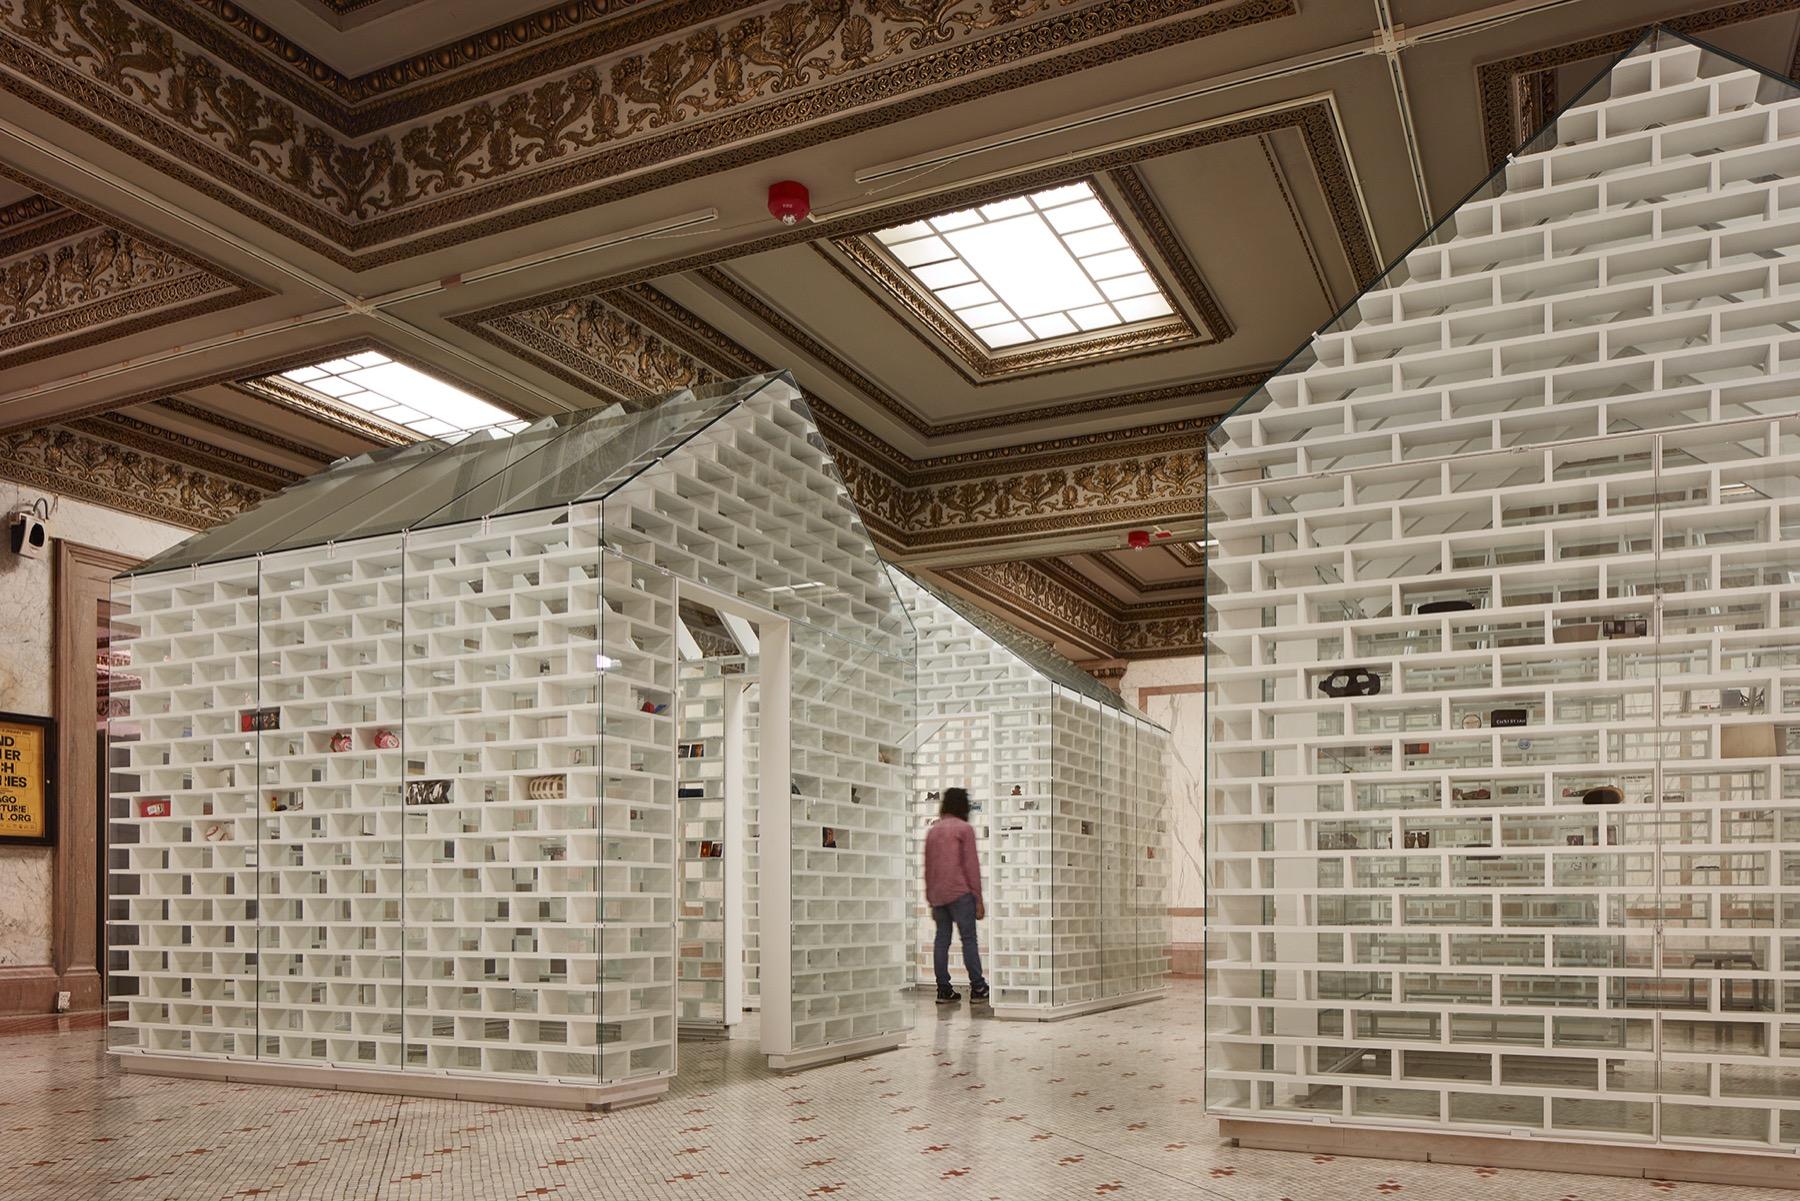 Chicago Architecture Biennial installation 2019